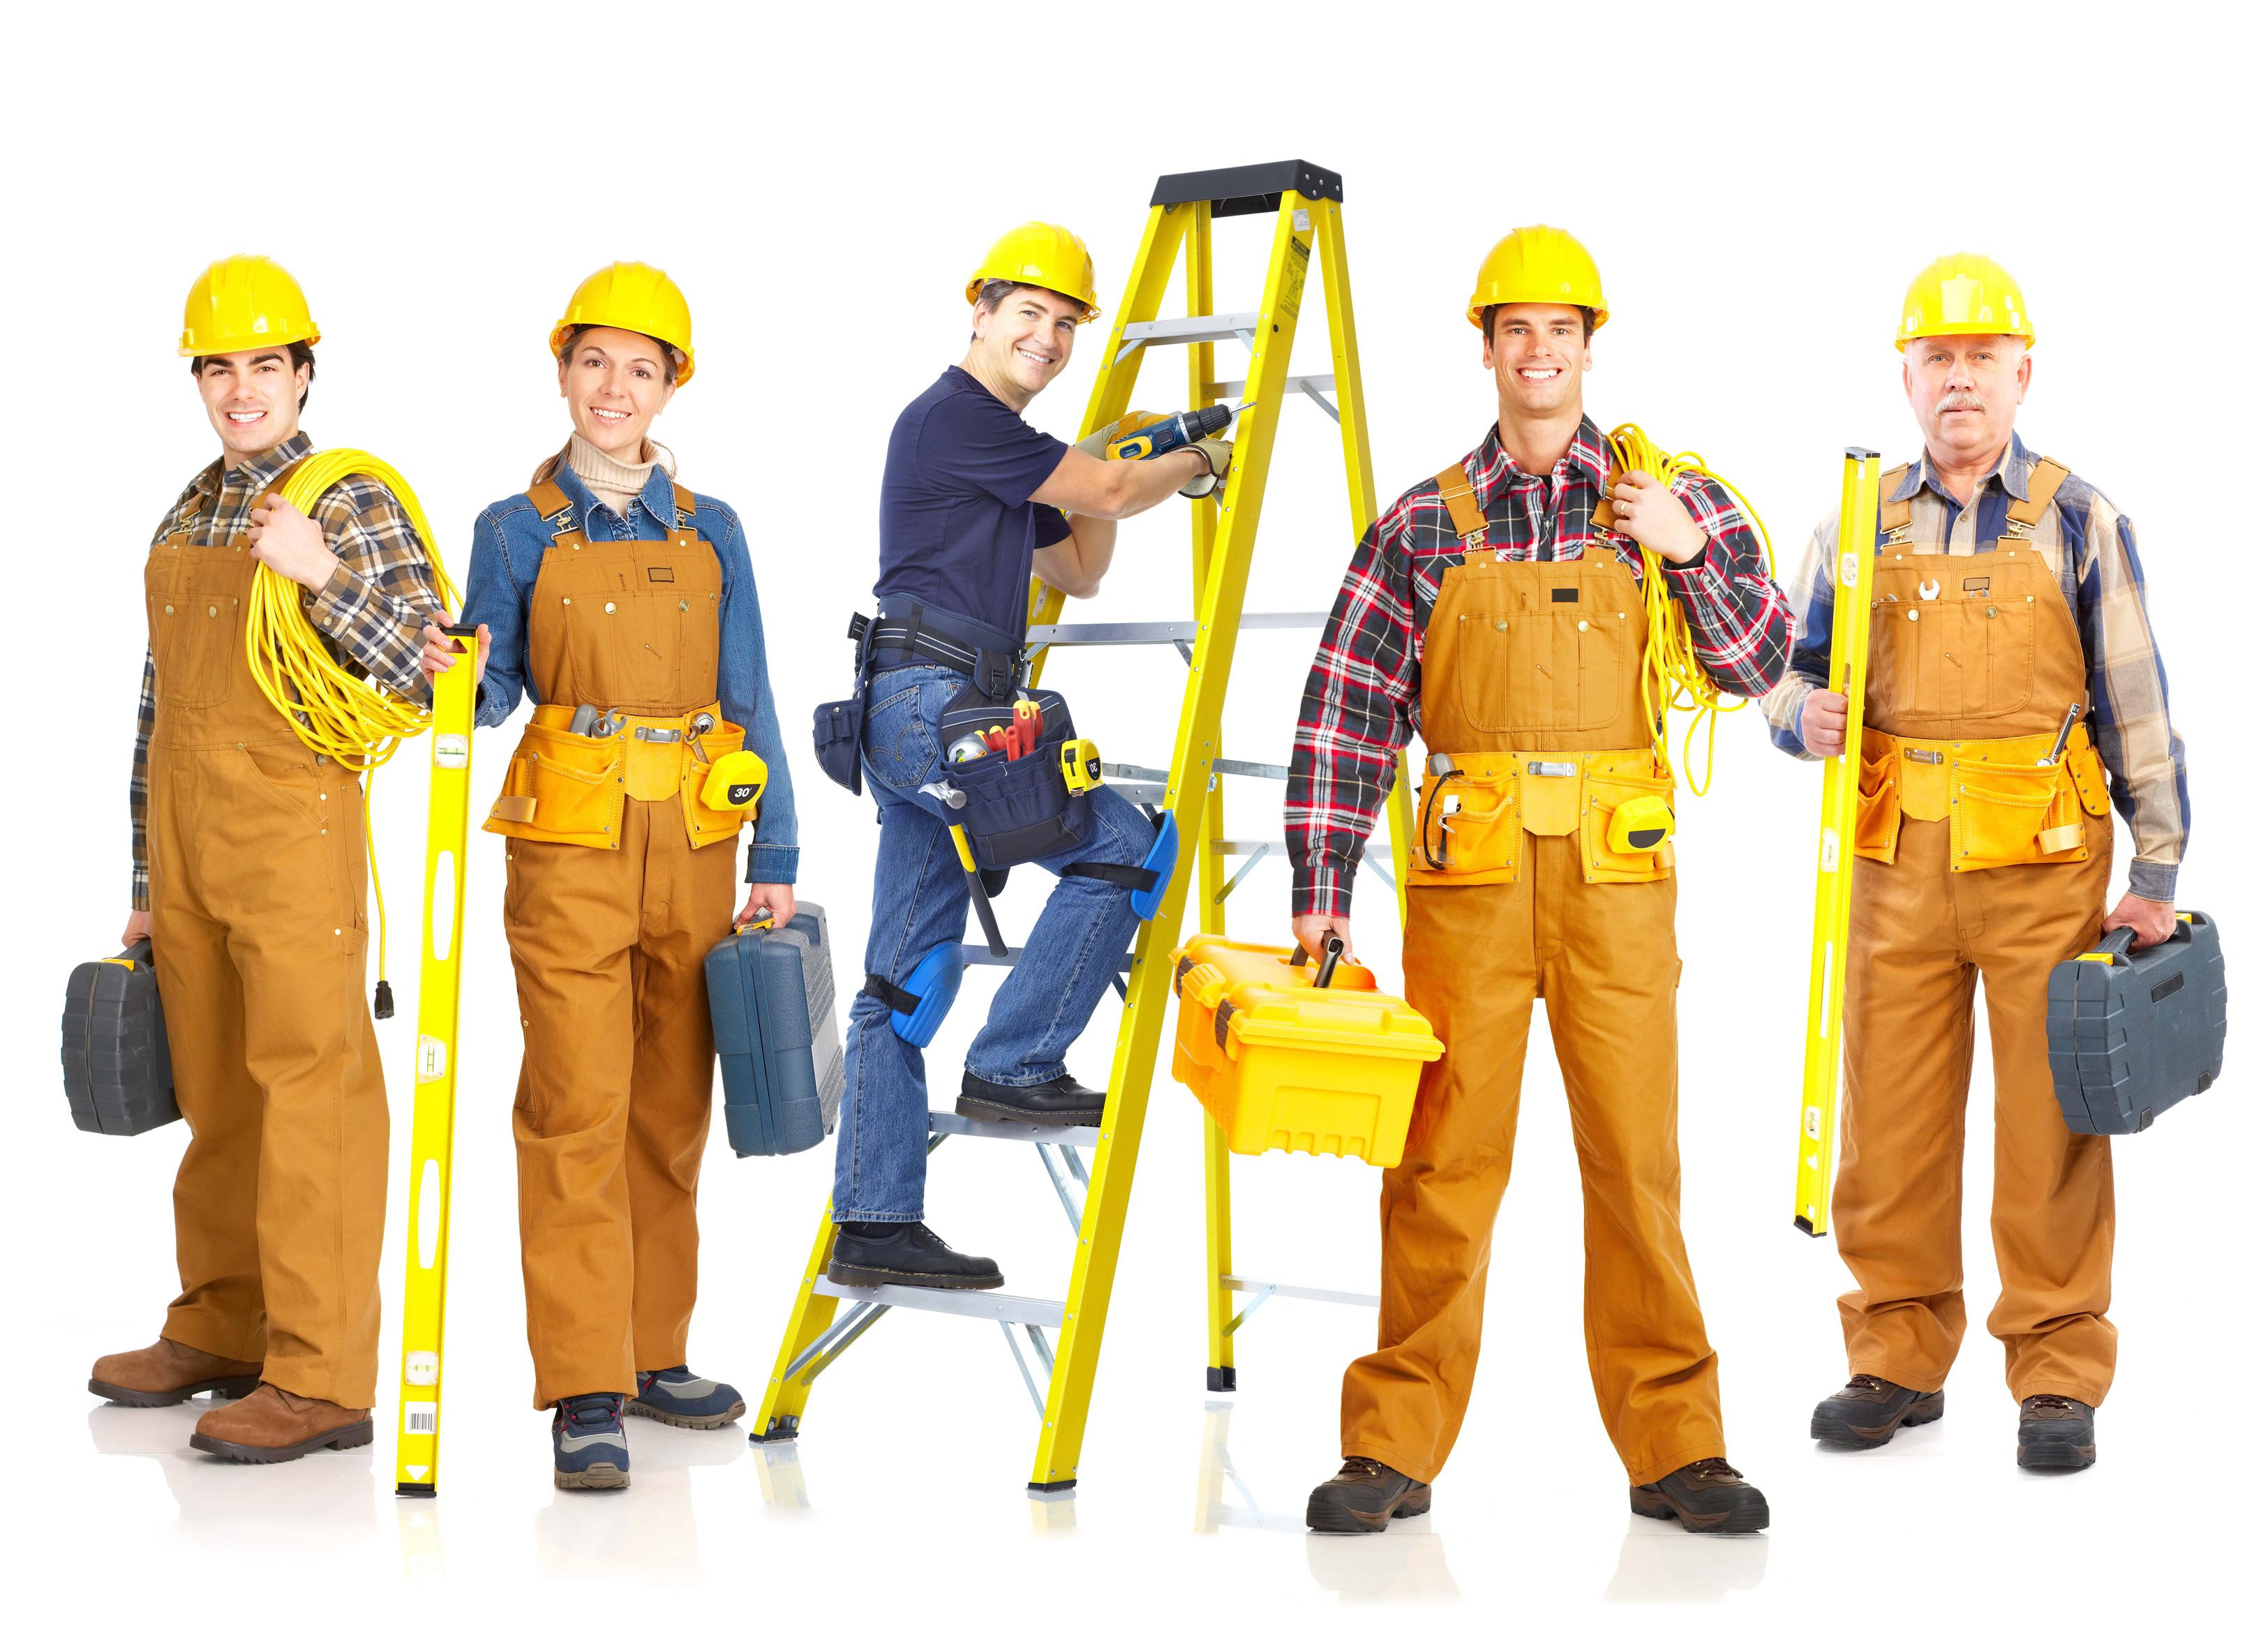 строители стоят с инструметом, фото, обои для рабочего стола, скачать